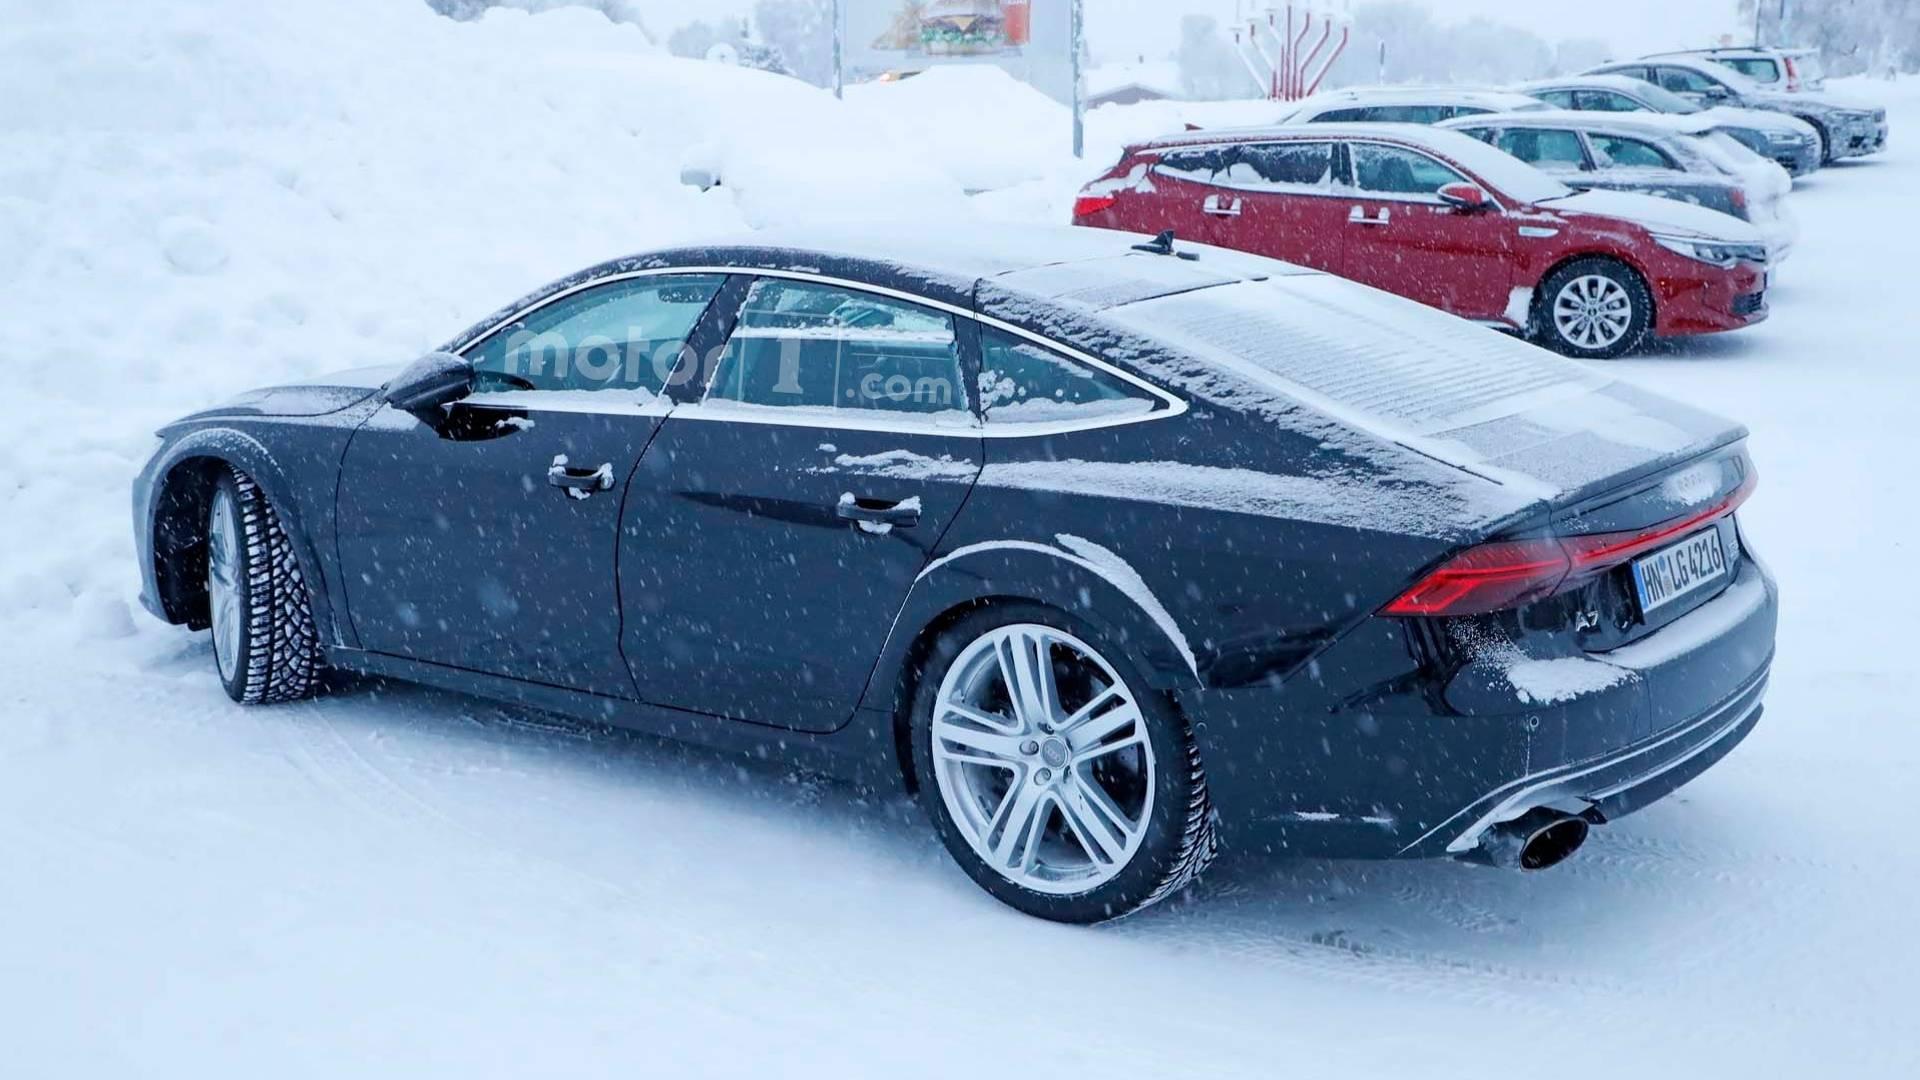 2017 - [Audi] A7 Sportback II - Page 8 2019-audi-rs7-sportback-spy-photo